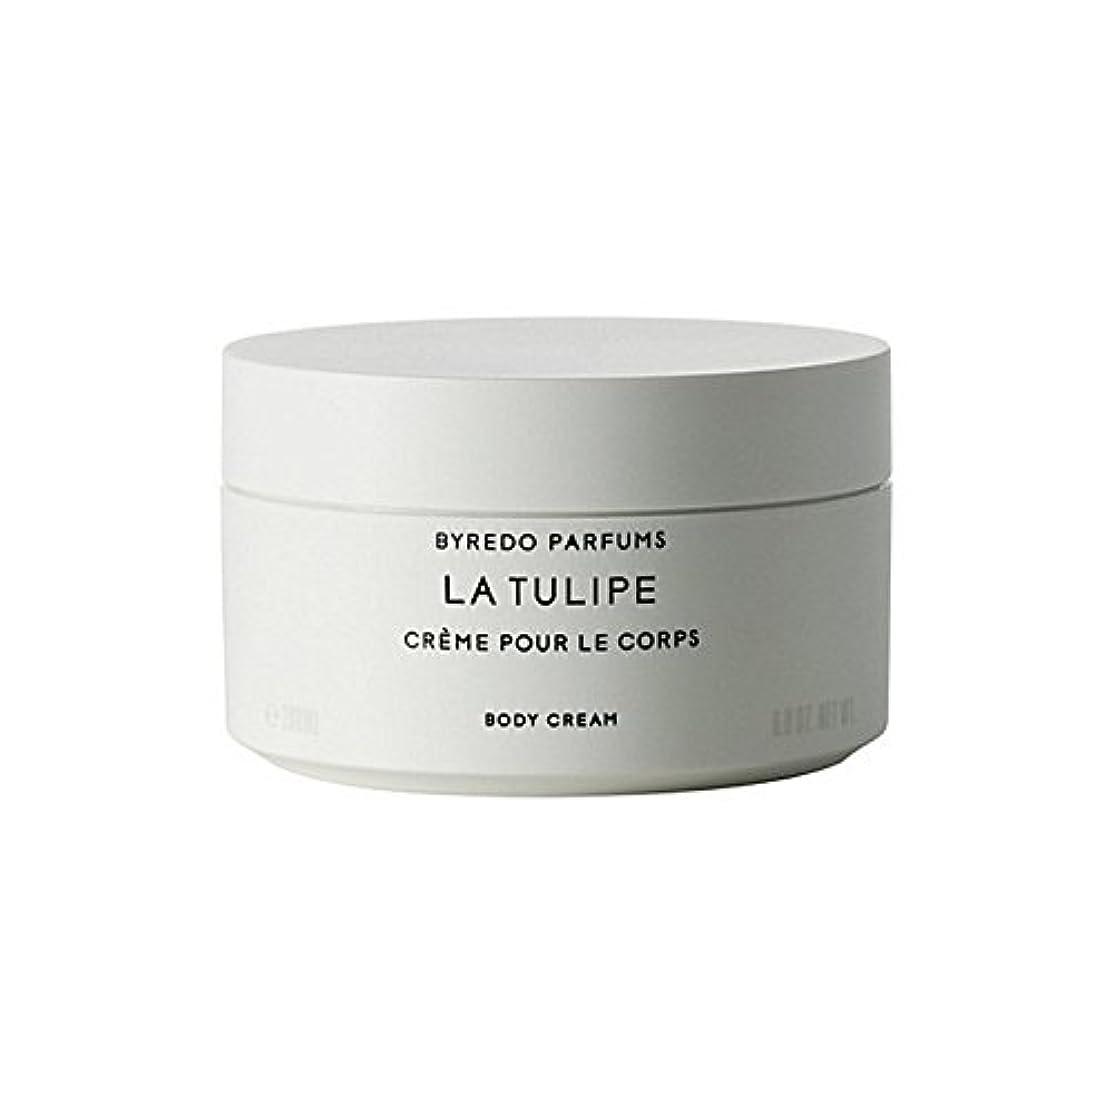 一月意識お父さんByredo La Tulipe Body Cream 200ml (Pack of 6) - ラチューリップボディクリーム200ミリリットル x6 [並行輸入品]